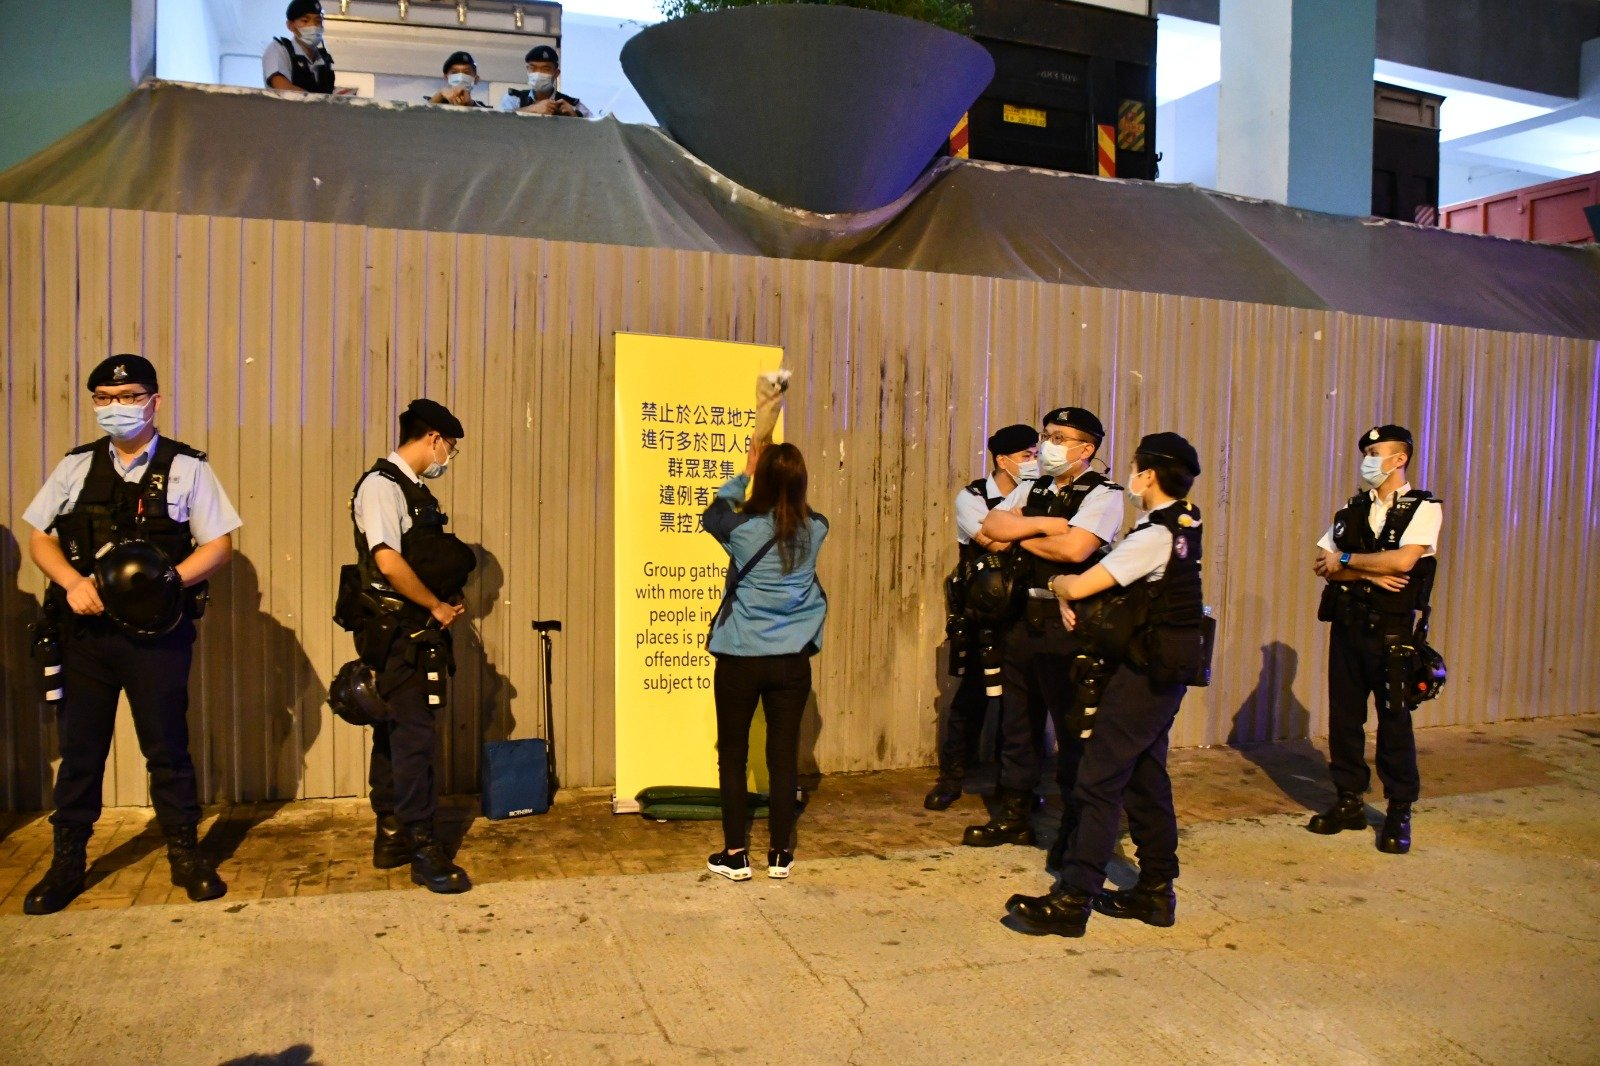 街坊黃小姐被在場警方阻止獻花,只好無奈地在花壇四方拜祭。( Big Mack/大紀元)